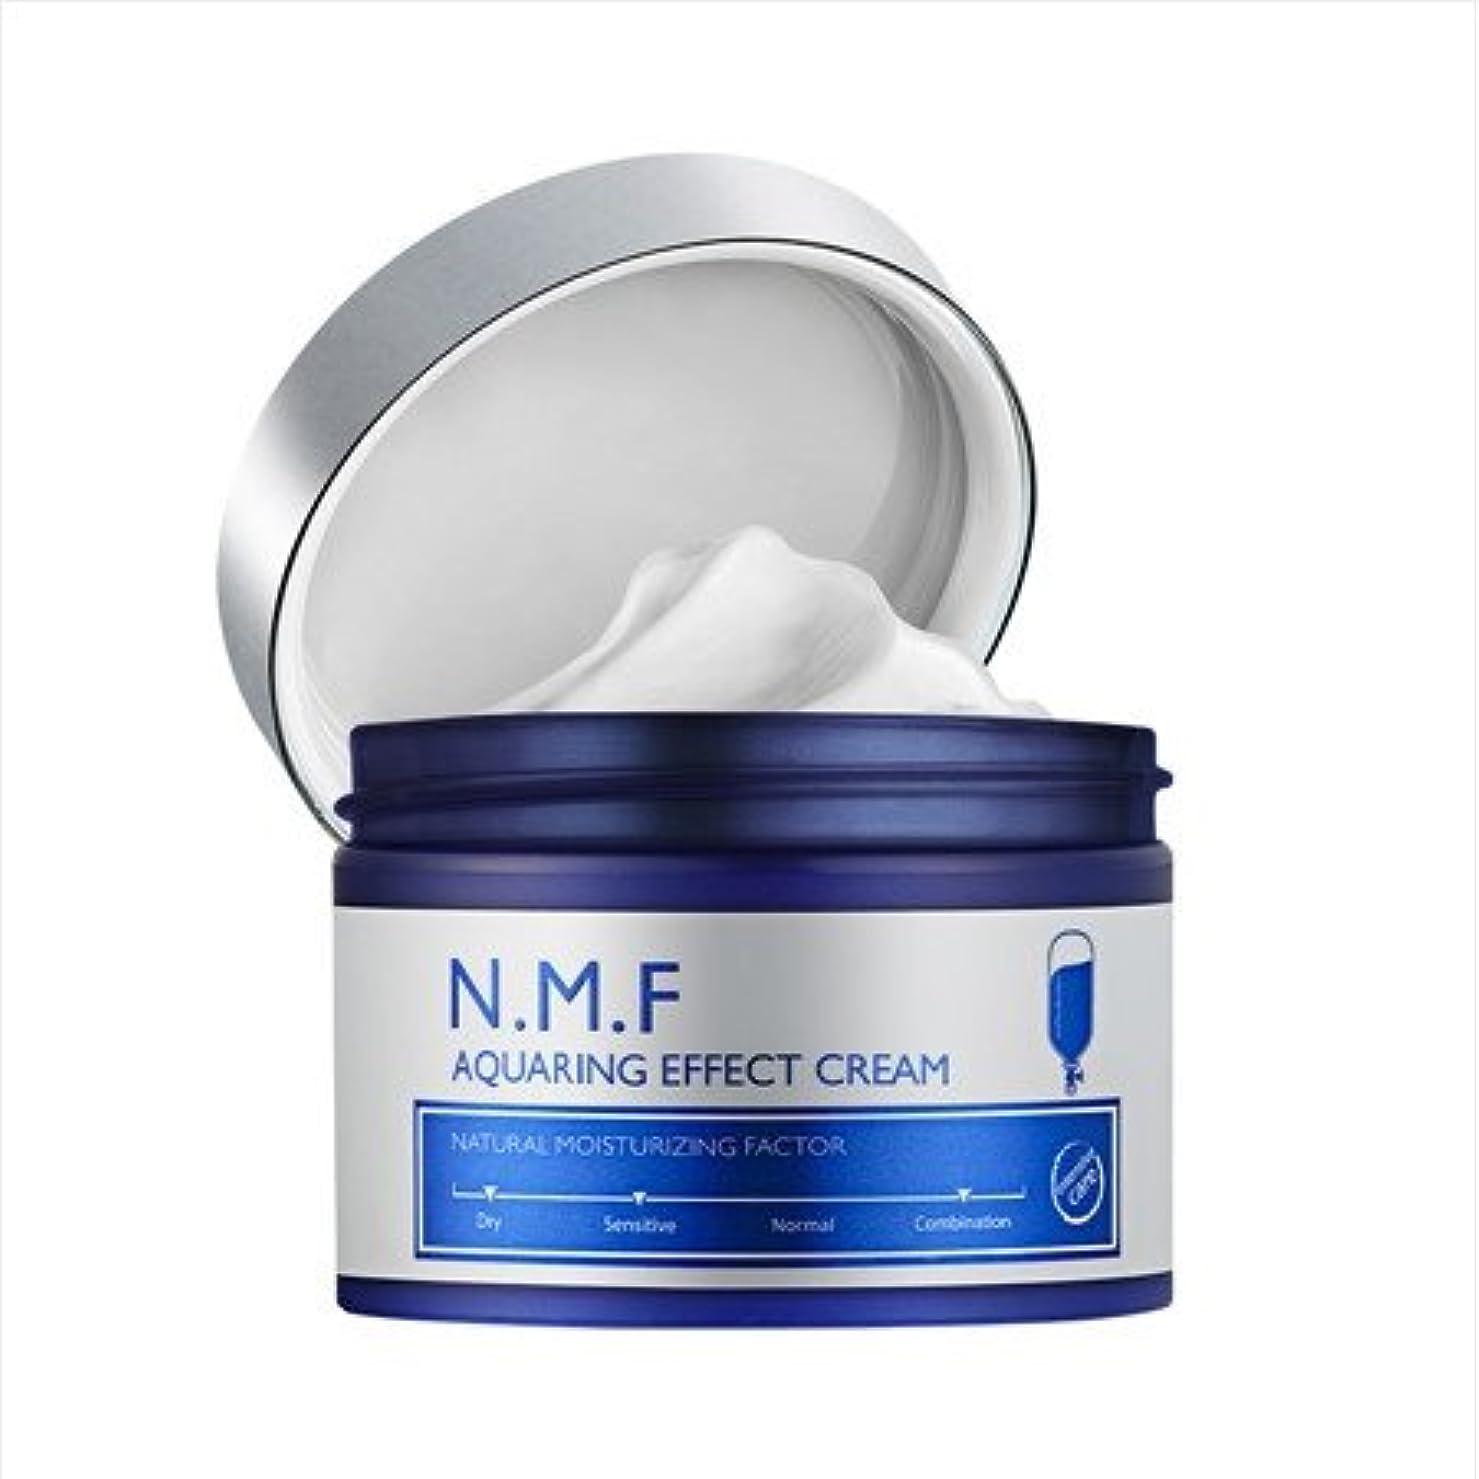 ストレス偽善者文明メディヒール Mediheal N.M.F クアリングエフェクトクリームNMF Aqua Ring Effect Cream 50ml [並行輸入品]